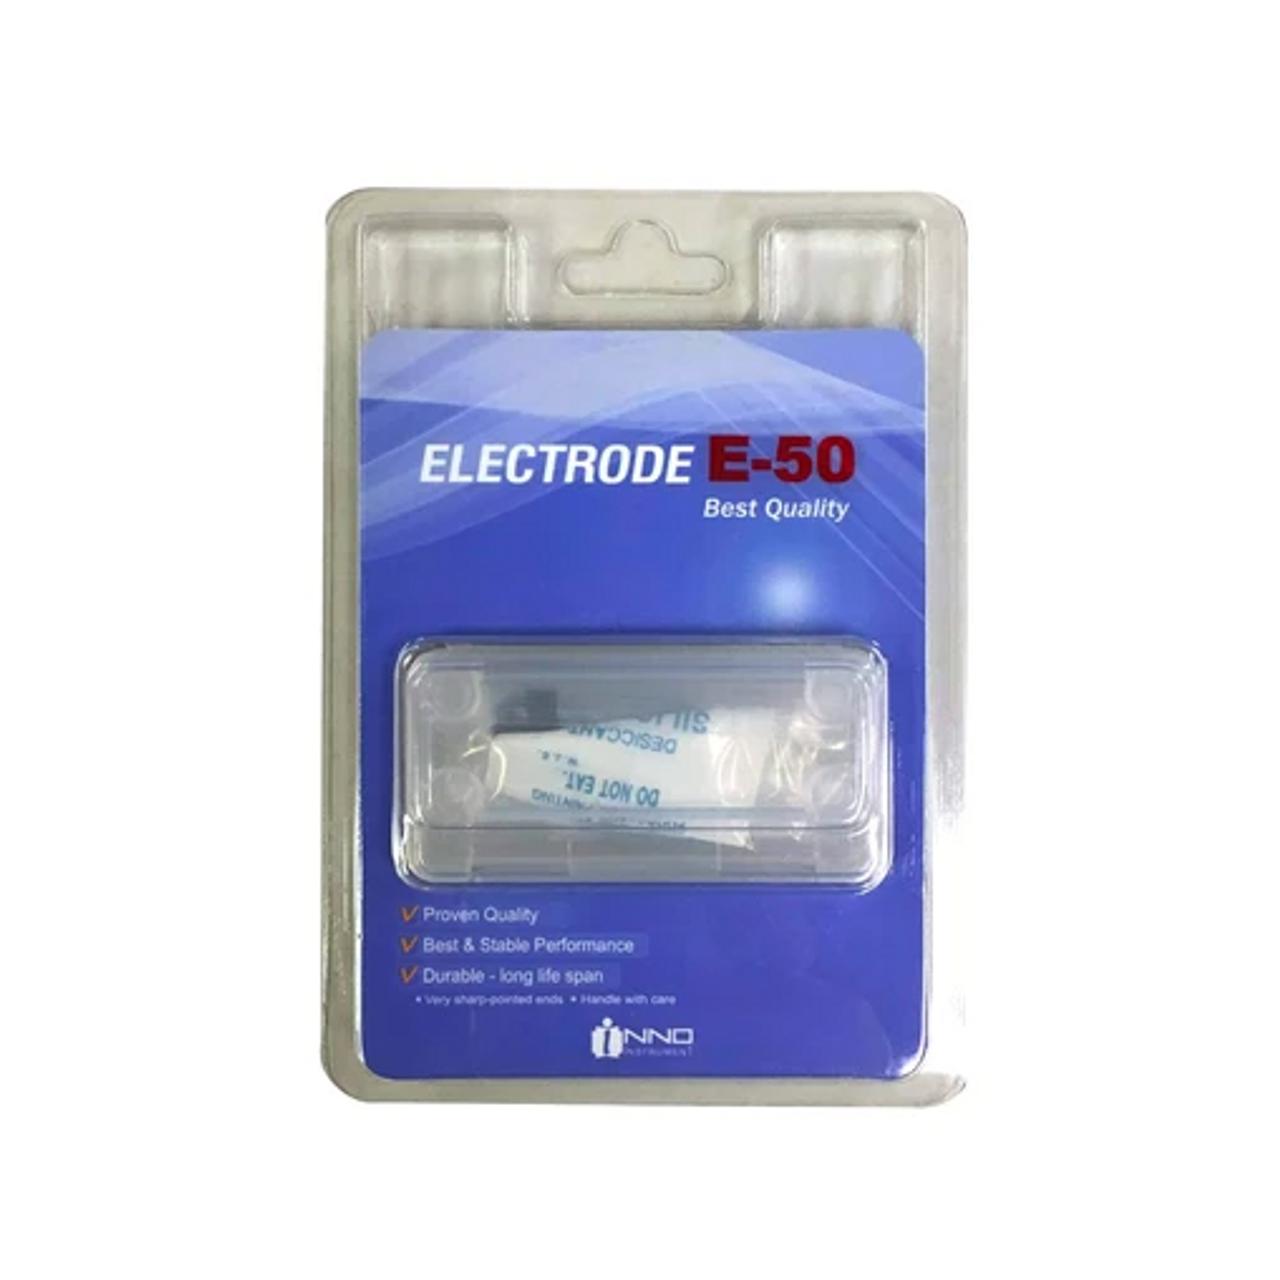 INNO Fusion Splicer Replacement electrodes INNO E-50